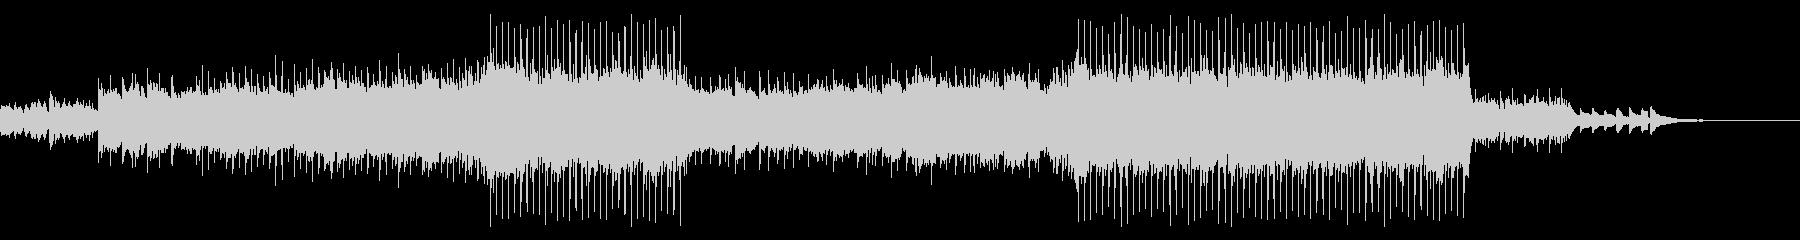 【メロディ抜き】サビのある綺麗なピアノバの未再生の波形